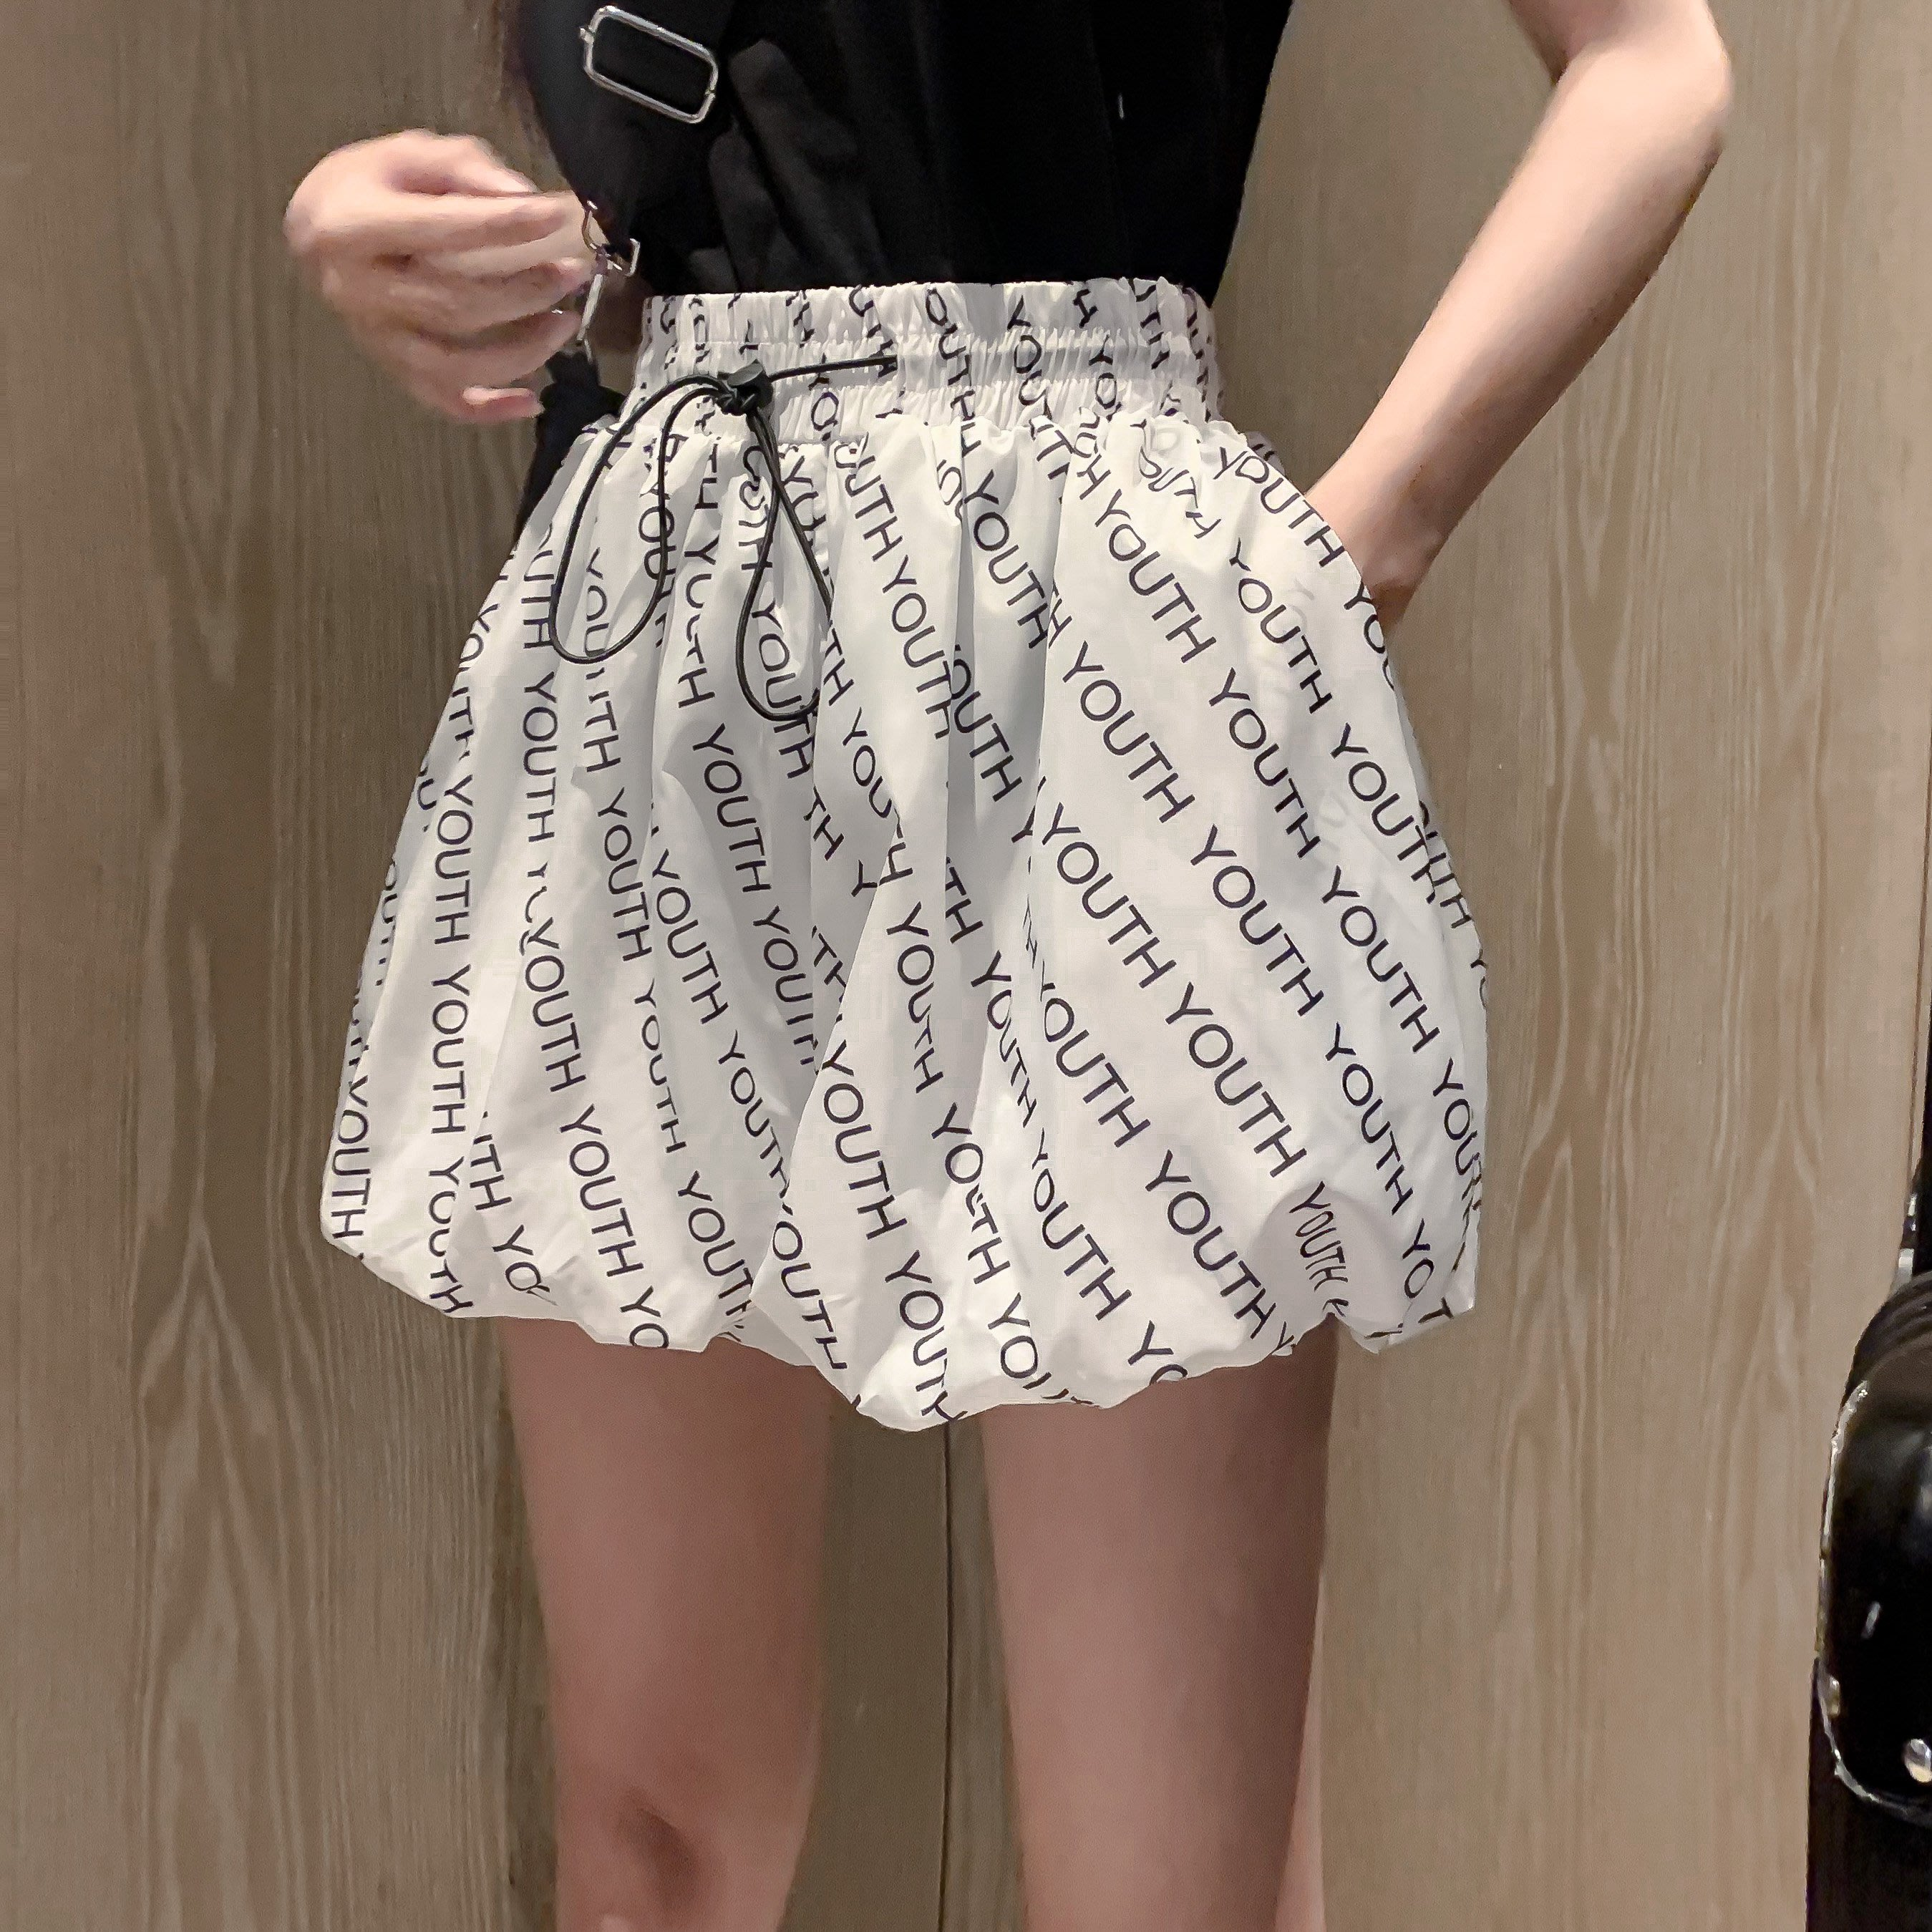 短褲 牛仔褲 短褲女2020新款夏季字母印花高腰薄款褲子寬松直筒顯瘦蓬蓬休閑褲